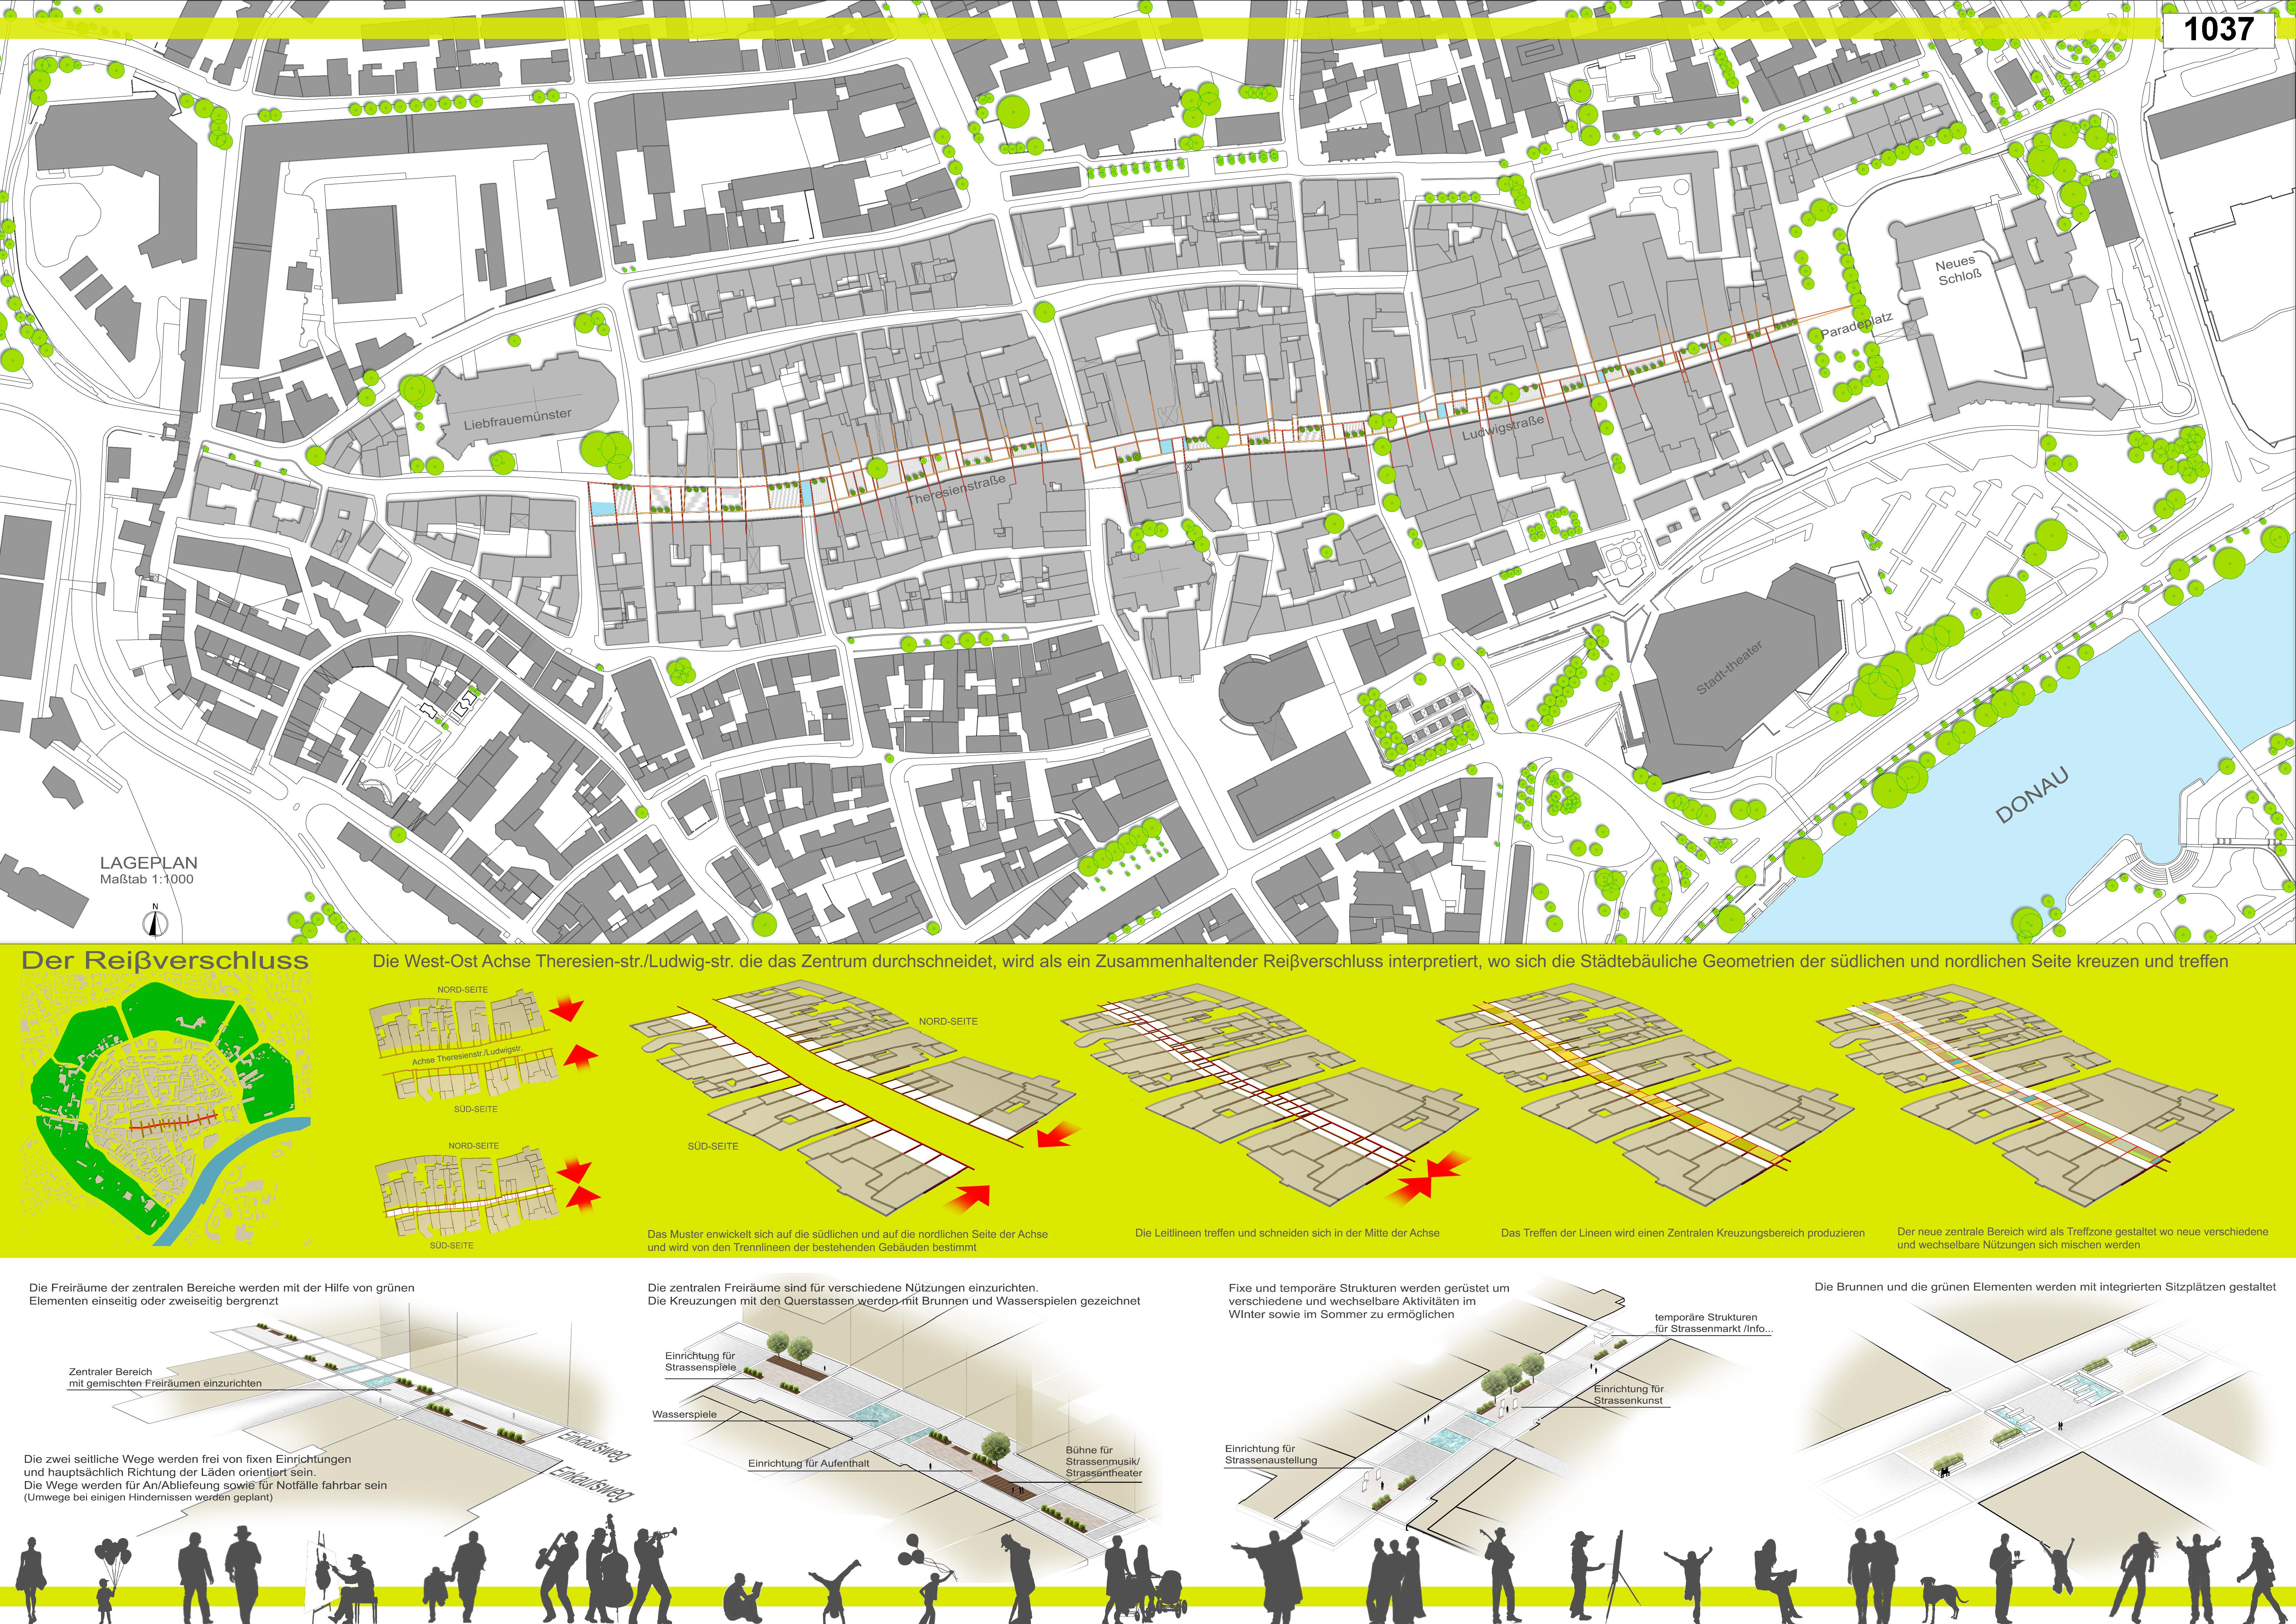 Preisgruppe 1. Stufe Planungswettbewerb Neugestaltung Fußgängerzone Arbeit 11 (1037)